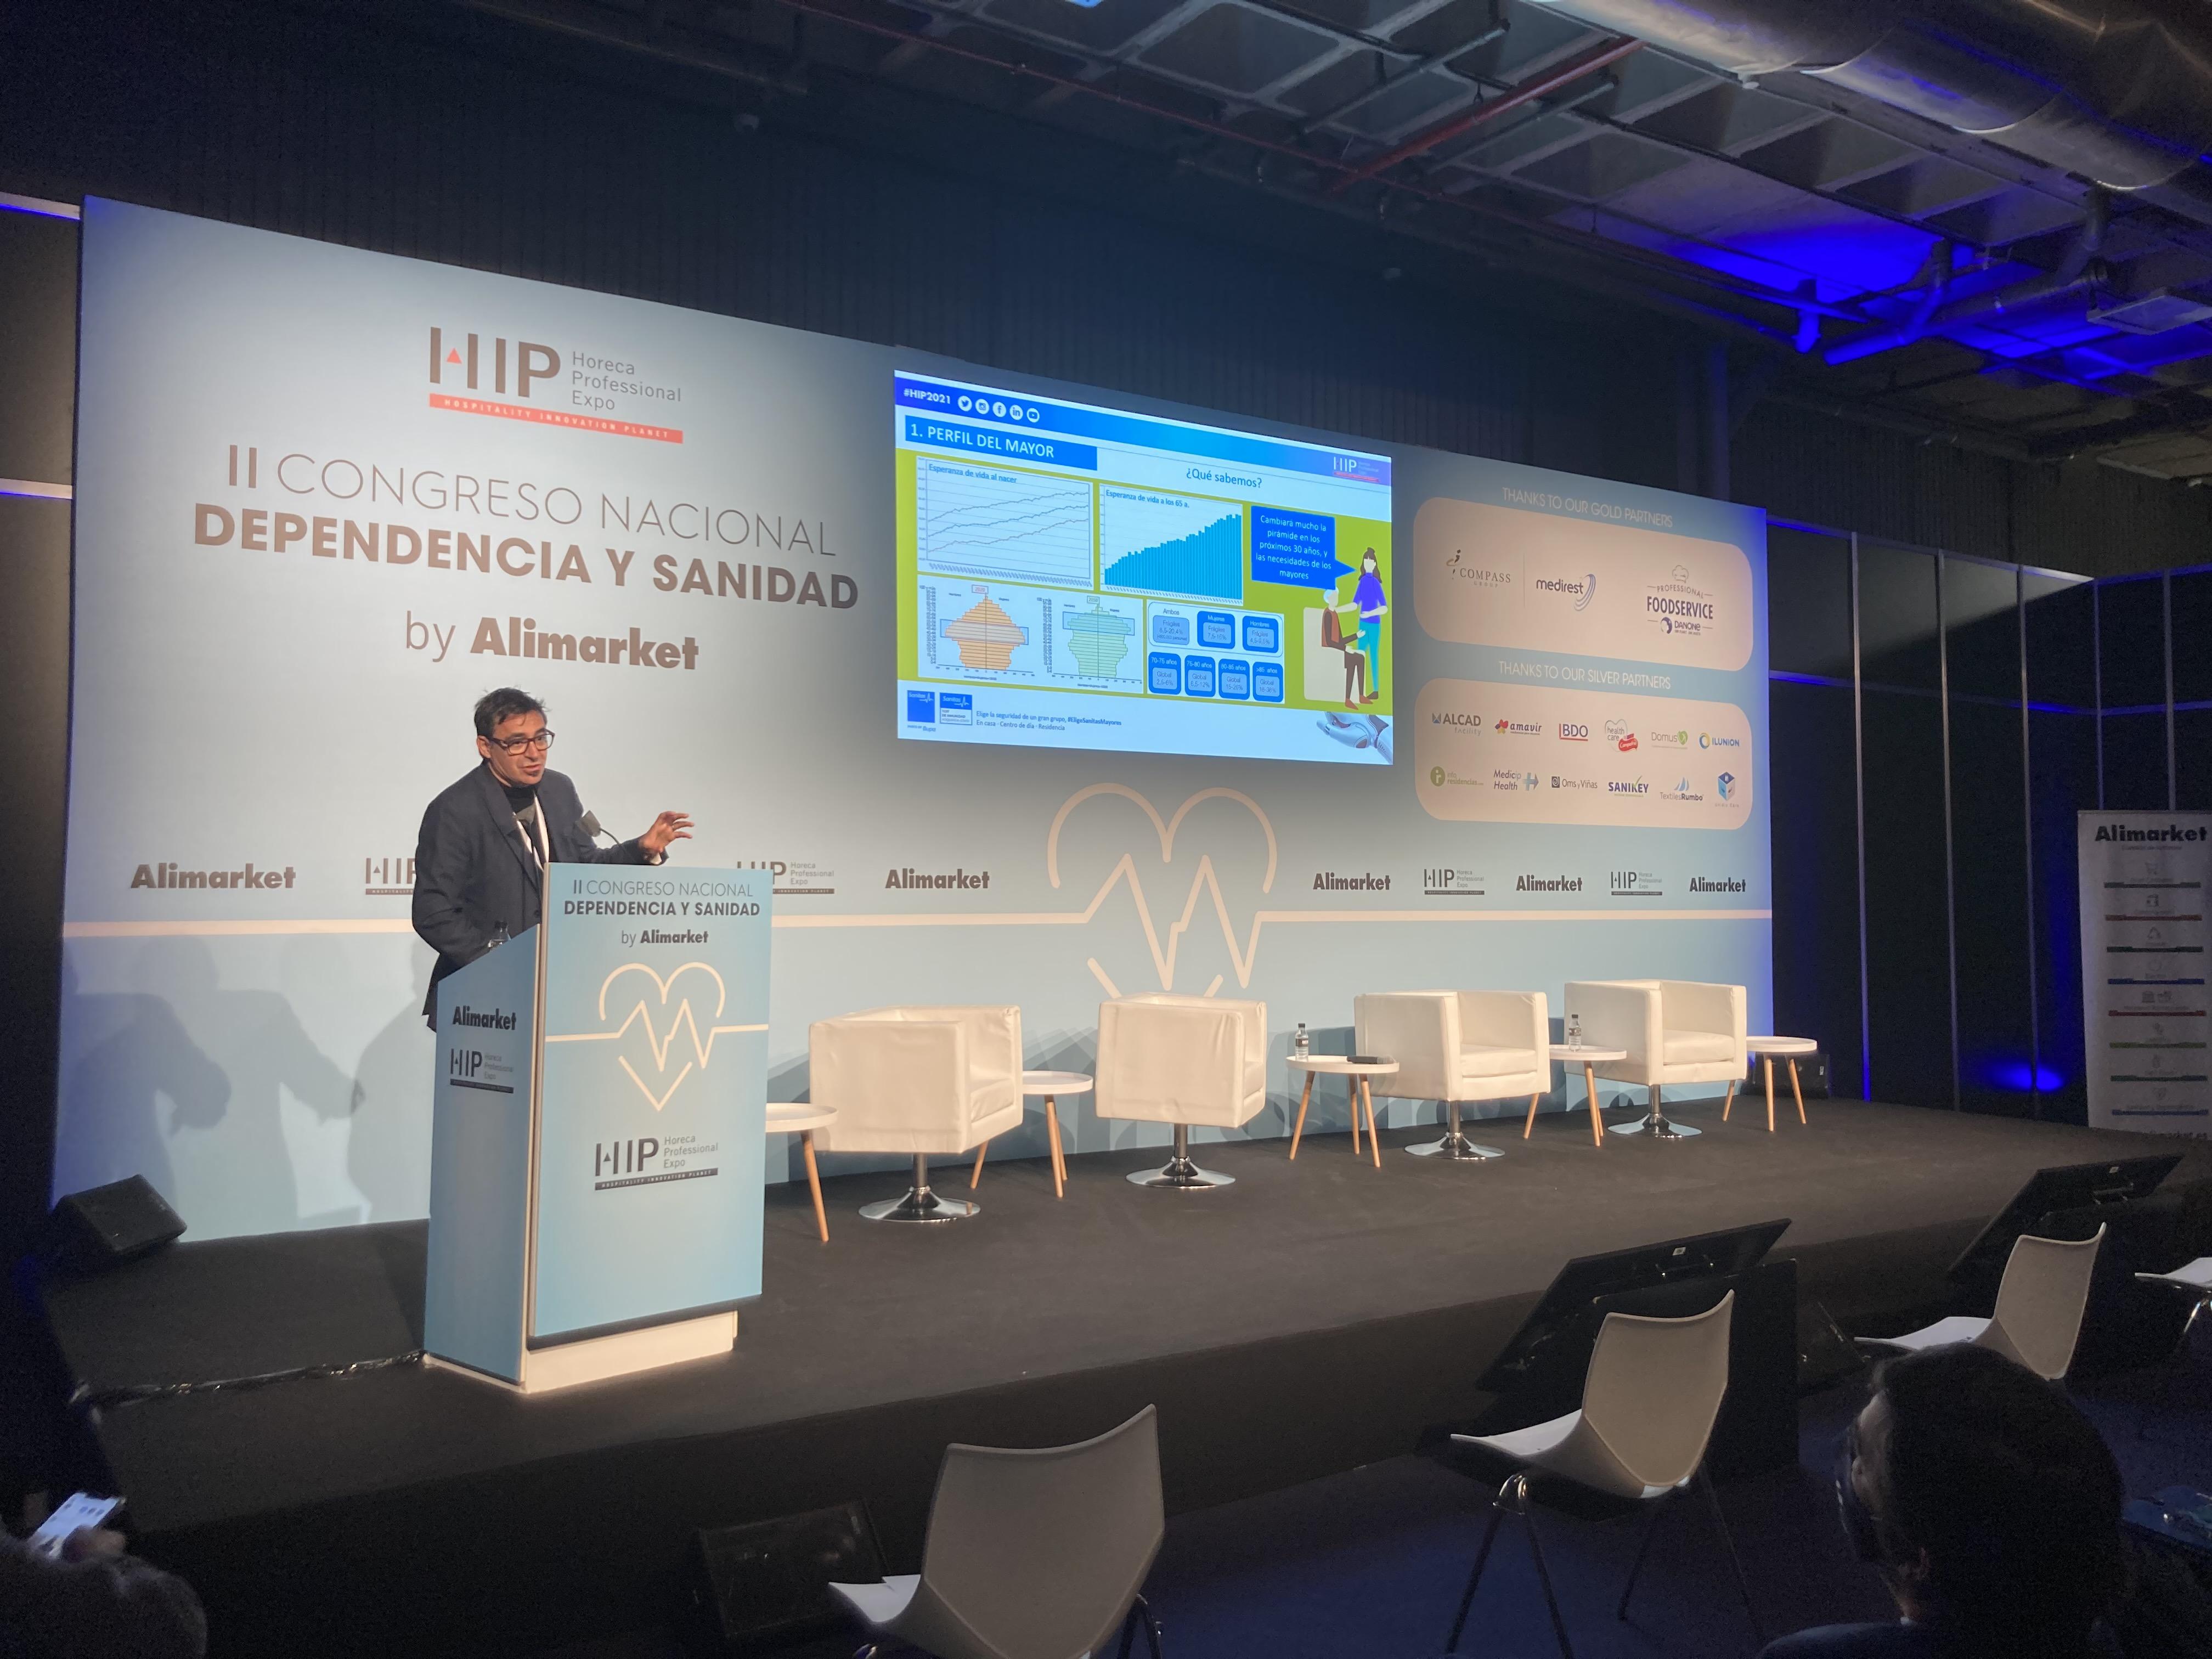 Arranca el II Congreso Nacional Dependencia y Sanidad by Alimarket